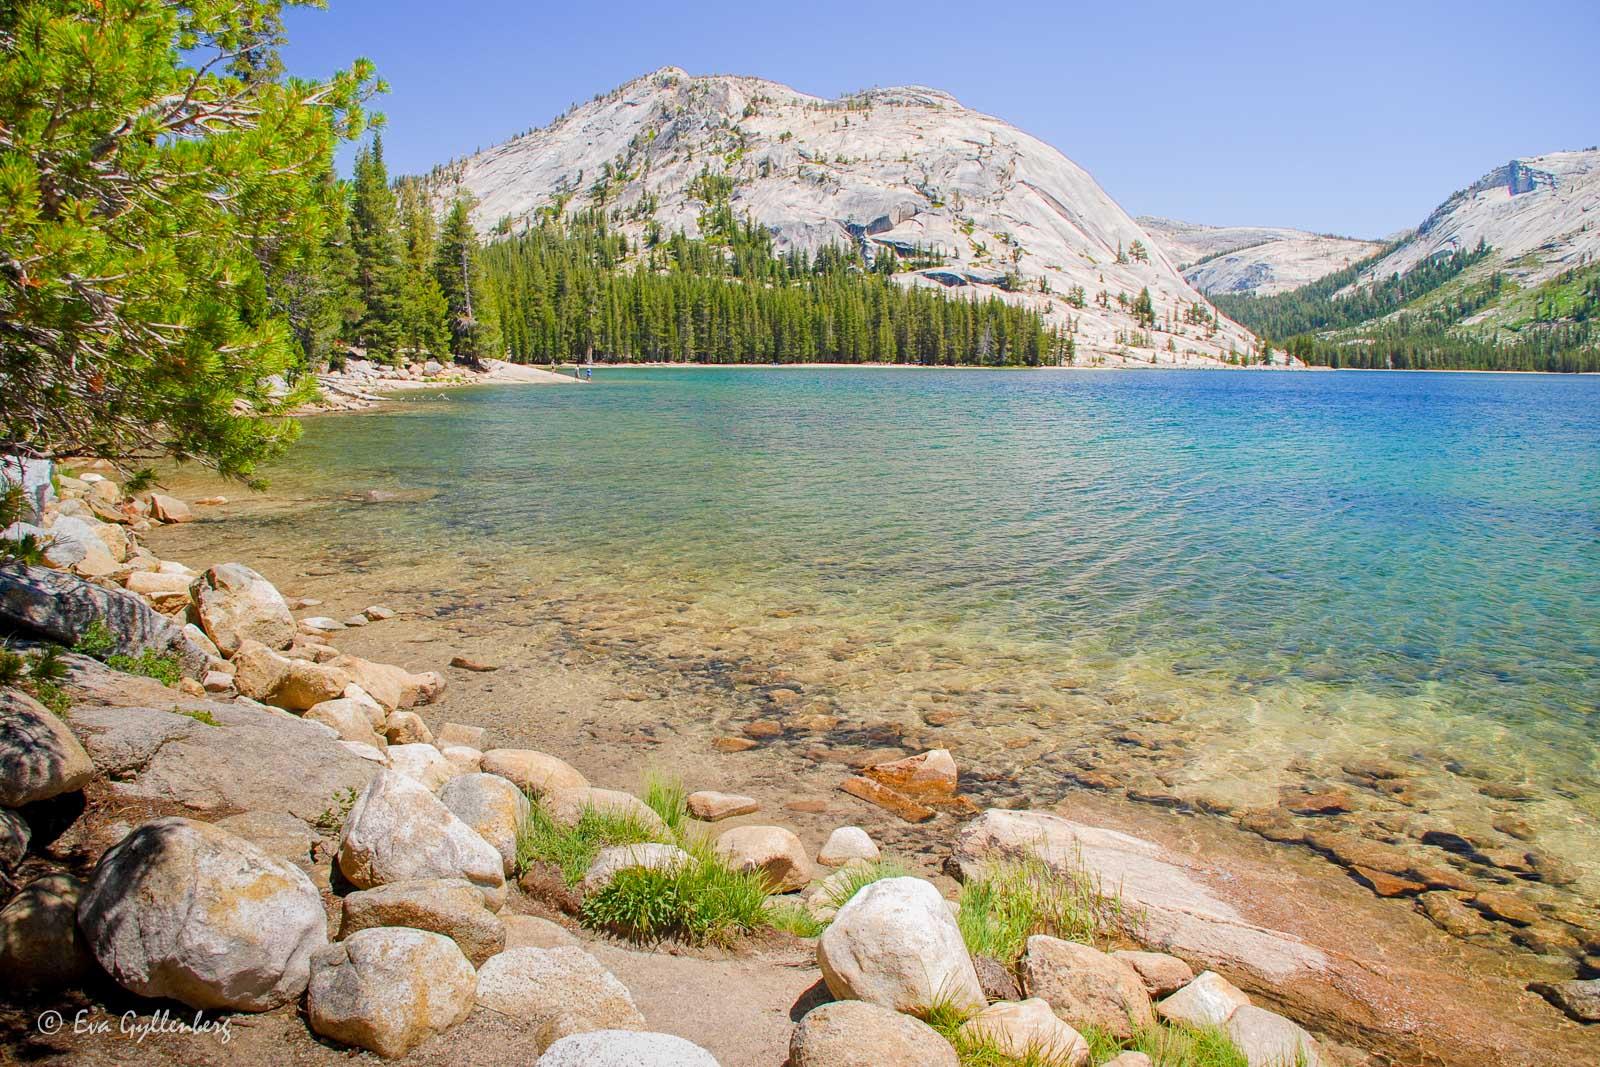 Bildsemester del 1 - Kalifornien i bilder 141